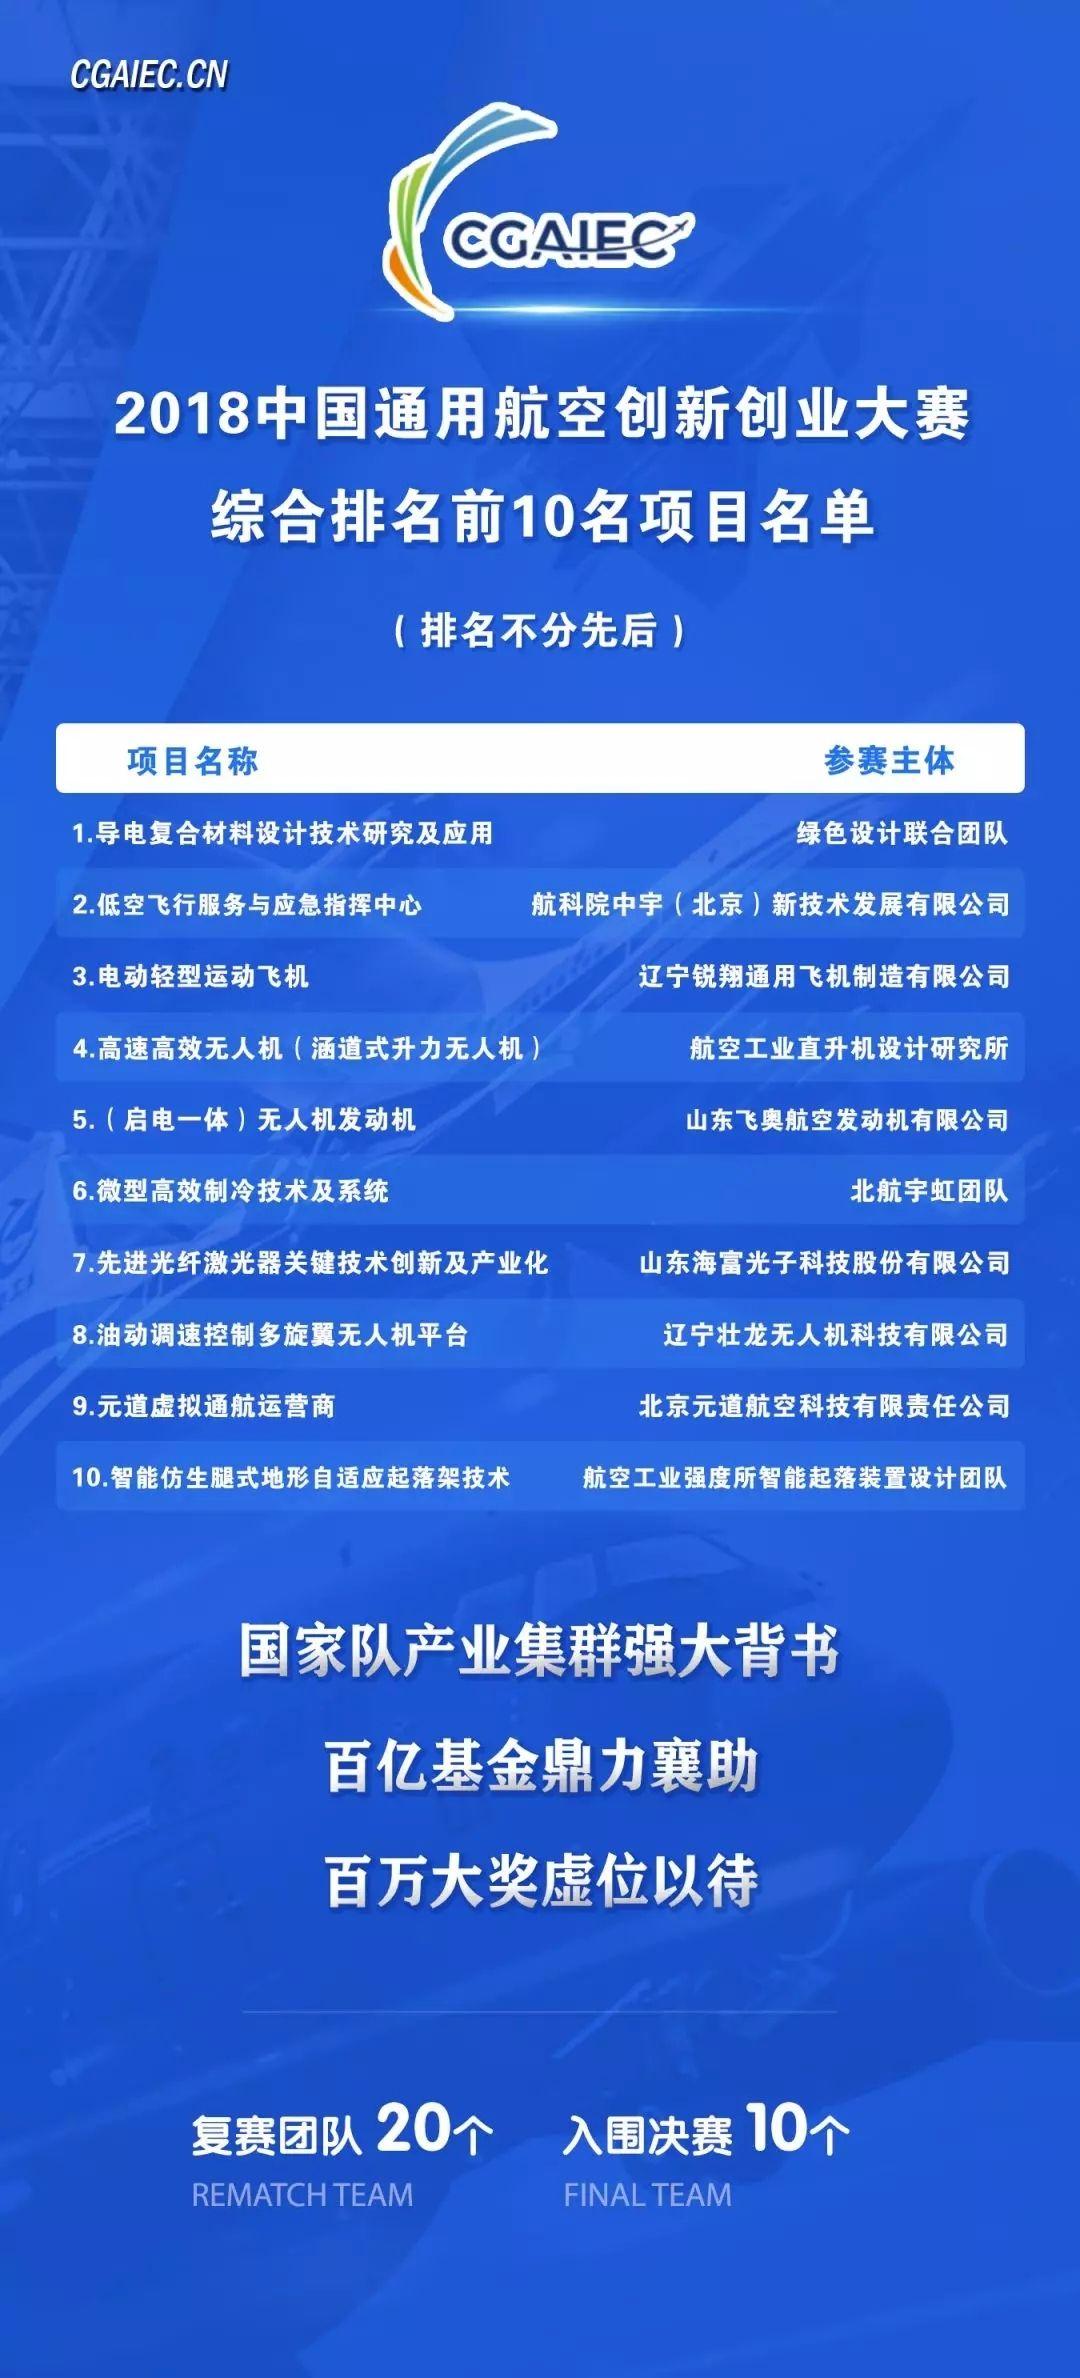 2018中国通用航空创新创业大赛复赛侧记|新闻动态-飞翔通航(北京)服务有限责任公司